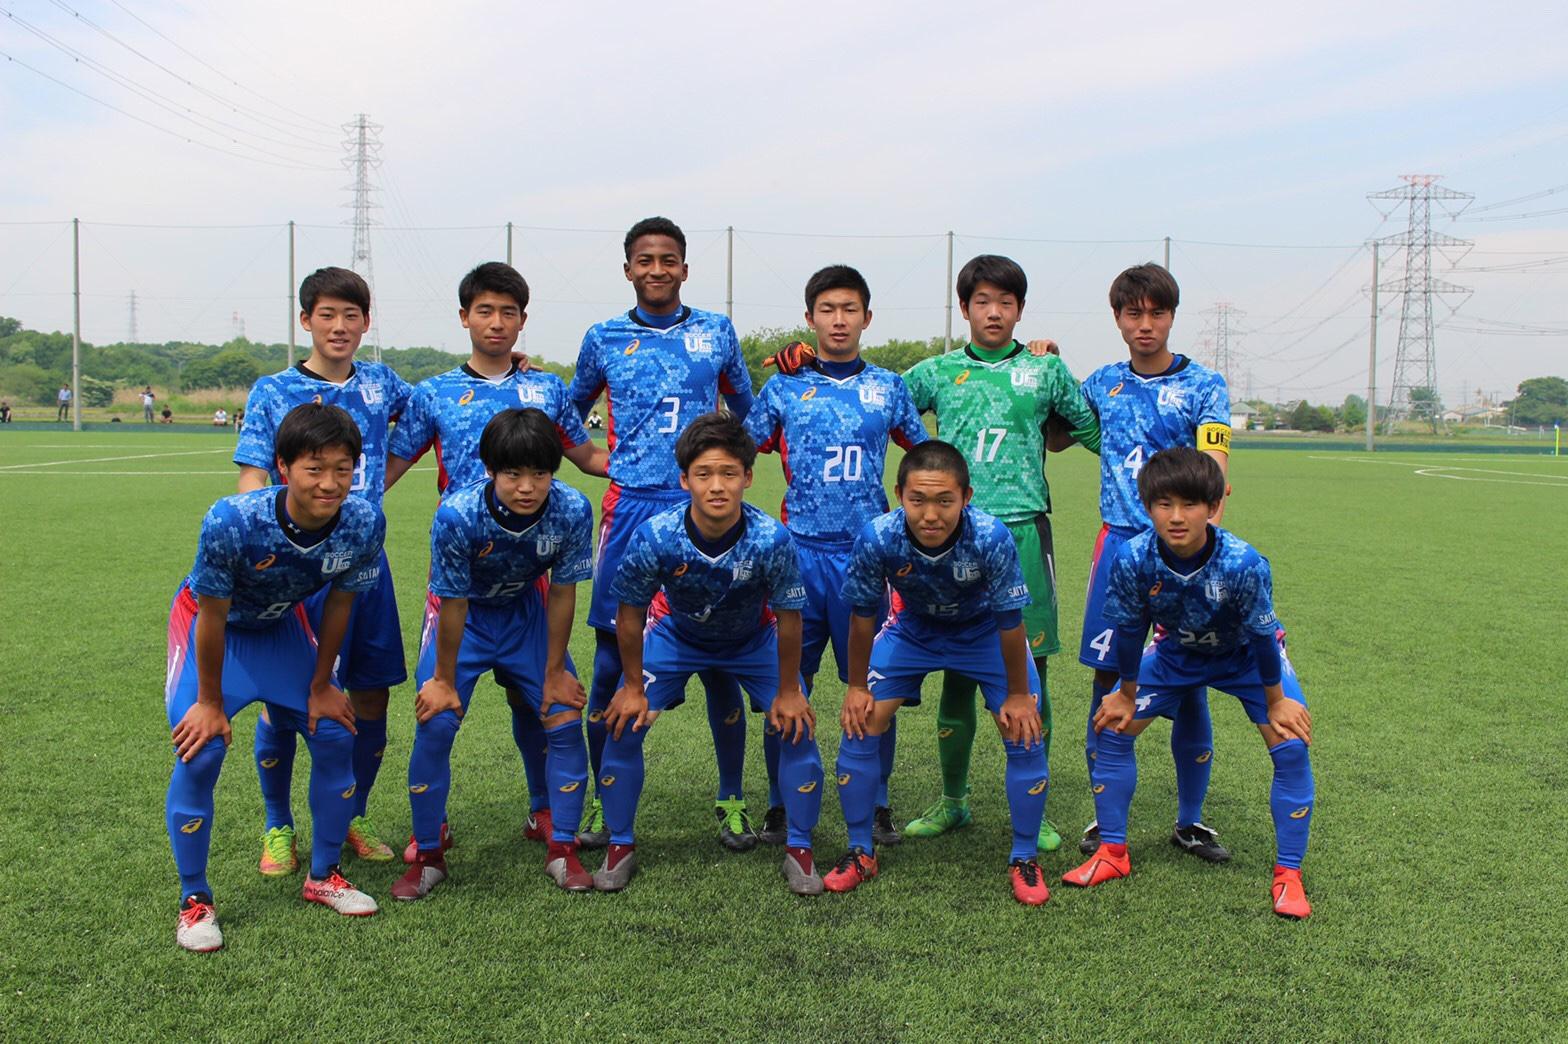 ニュース/試合結果|浦和東高校サッカー部OB会 - フットボールNAVI